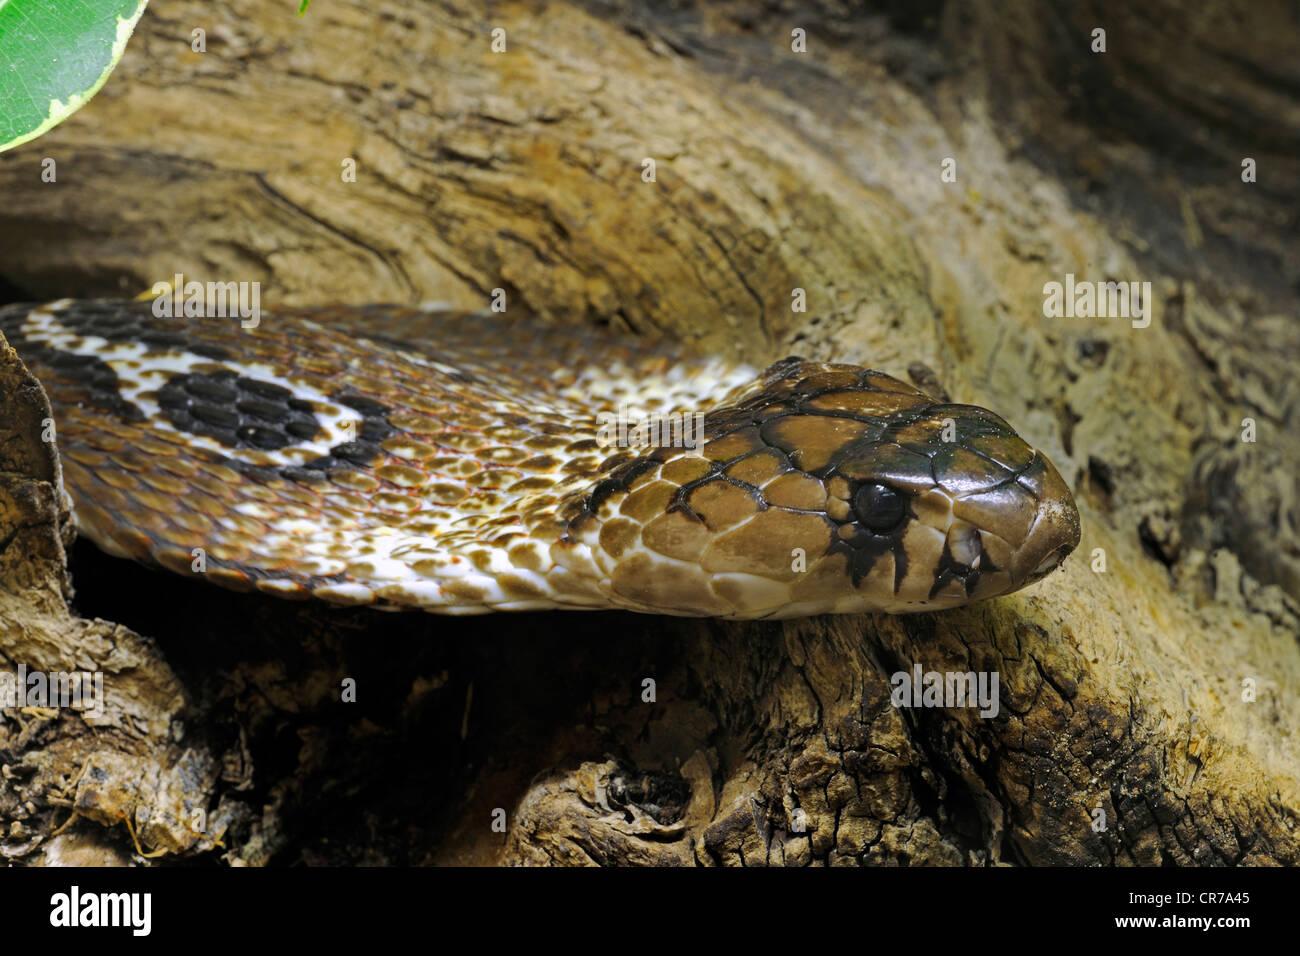 La Cobra india o Cobra, Oso de Anteojos (Naja naja naja), Asia Foto de stock